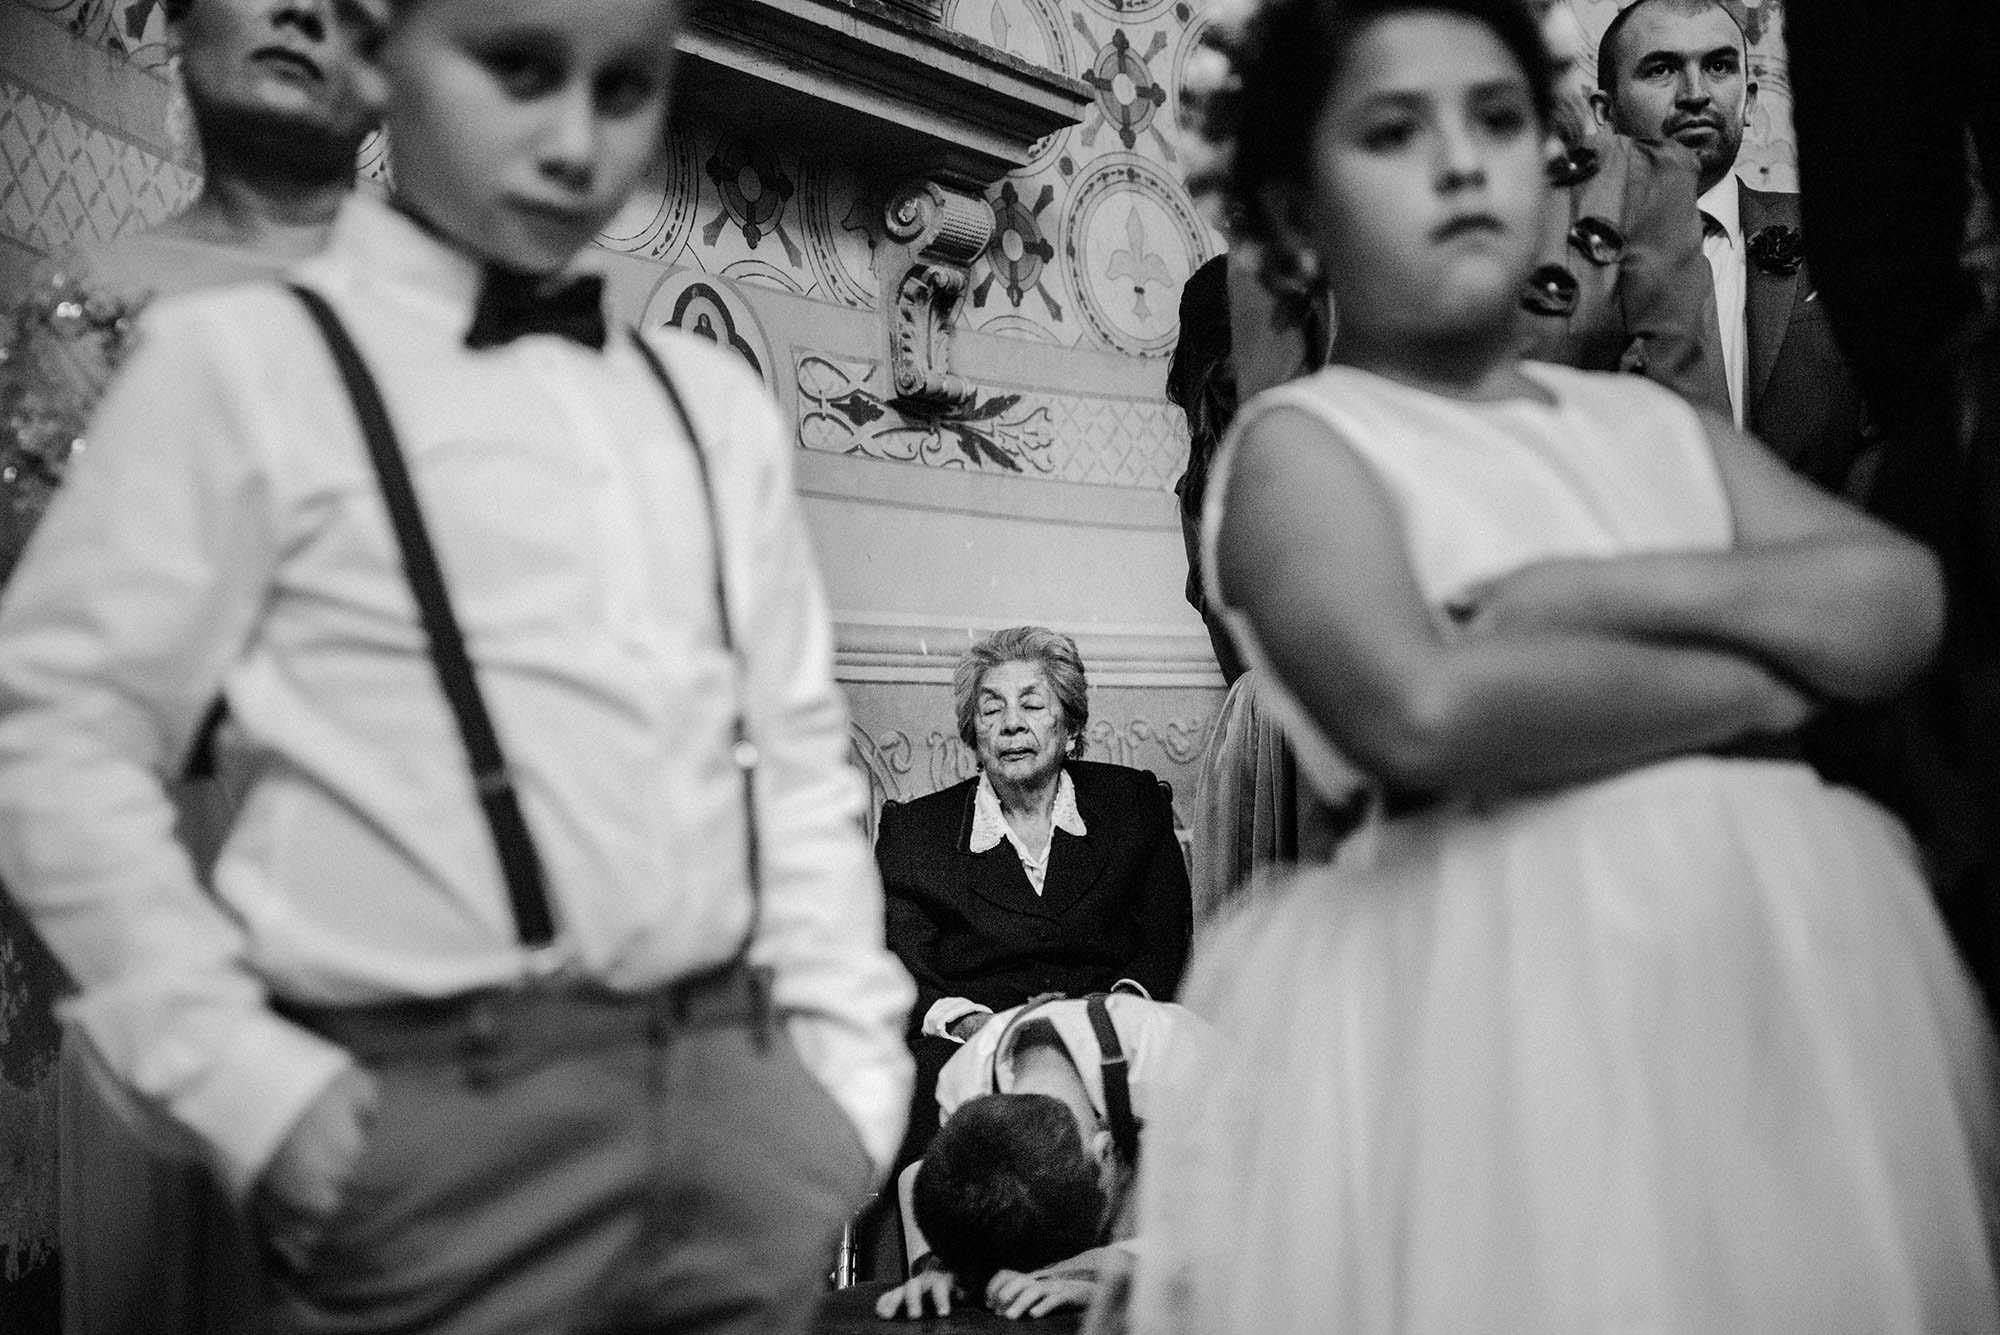 Boda Queretaro hacienda wedding planner magali espinosa fotografo 27-WEB.jpg